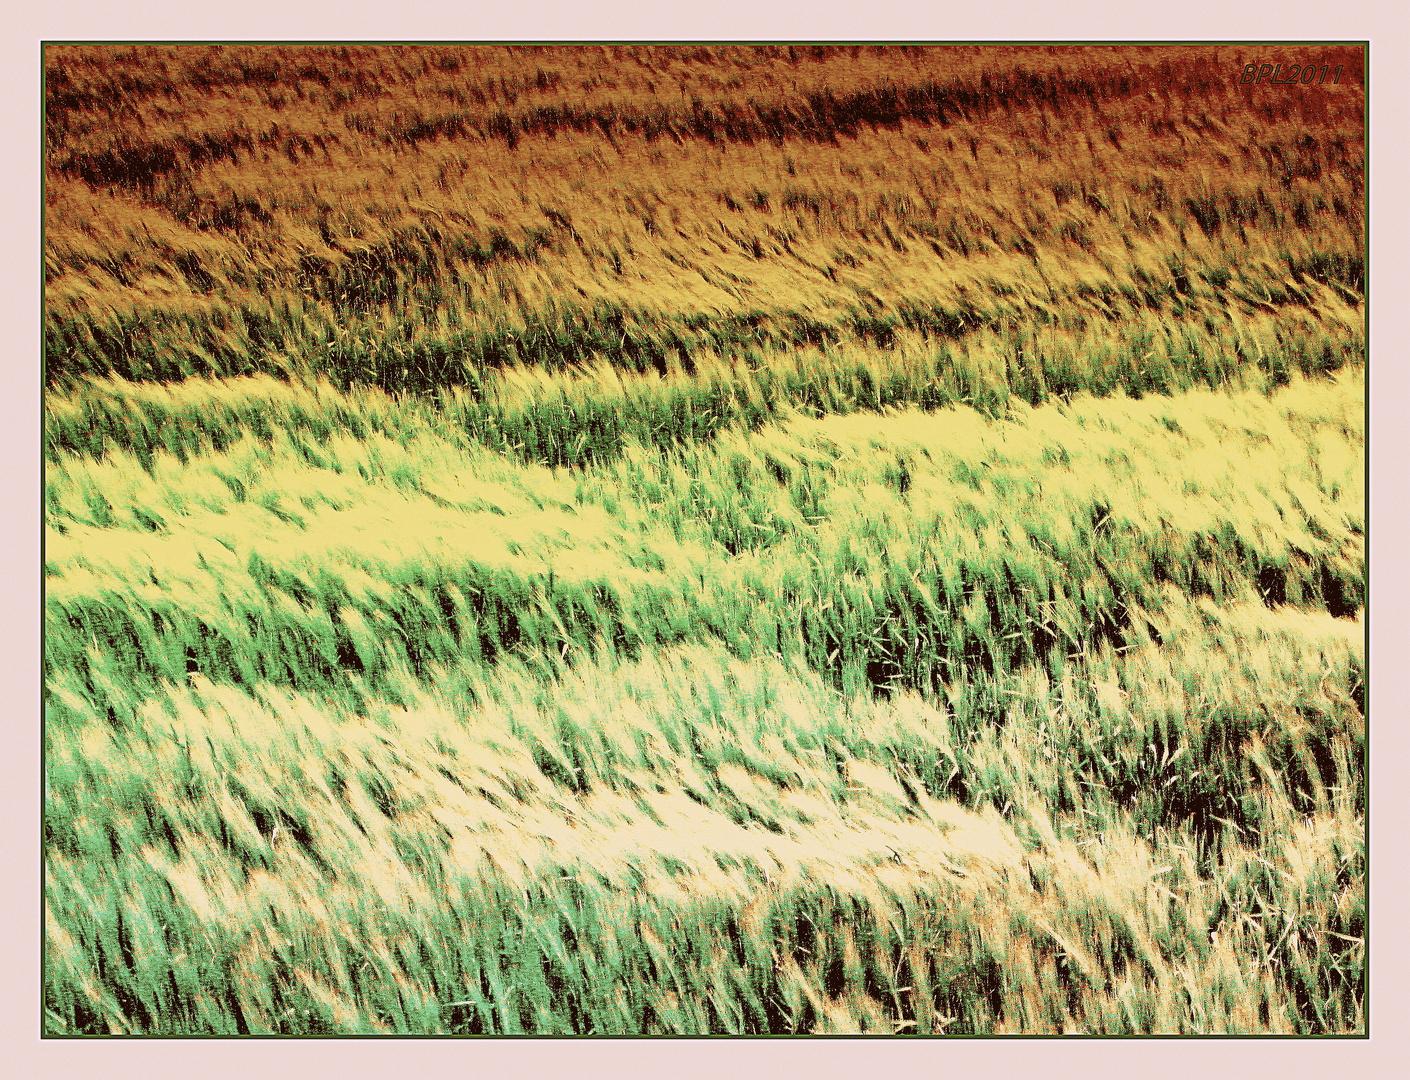 Felder in bunten Farben...